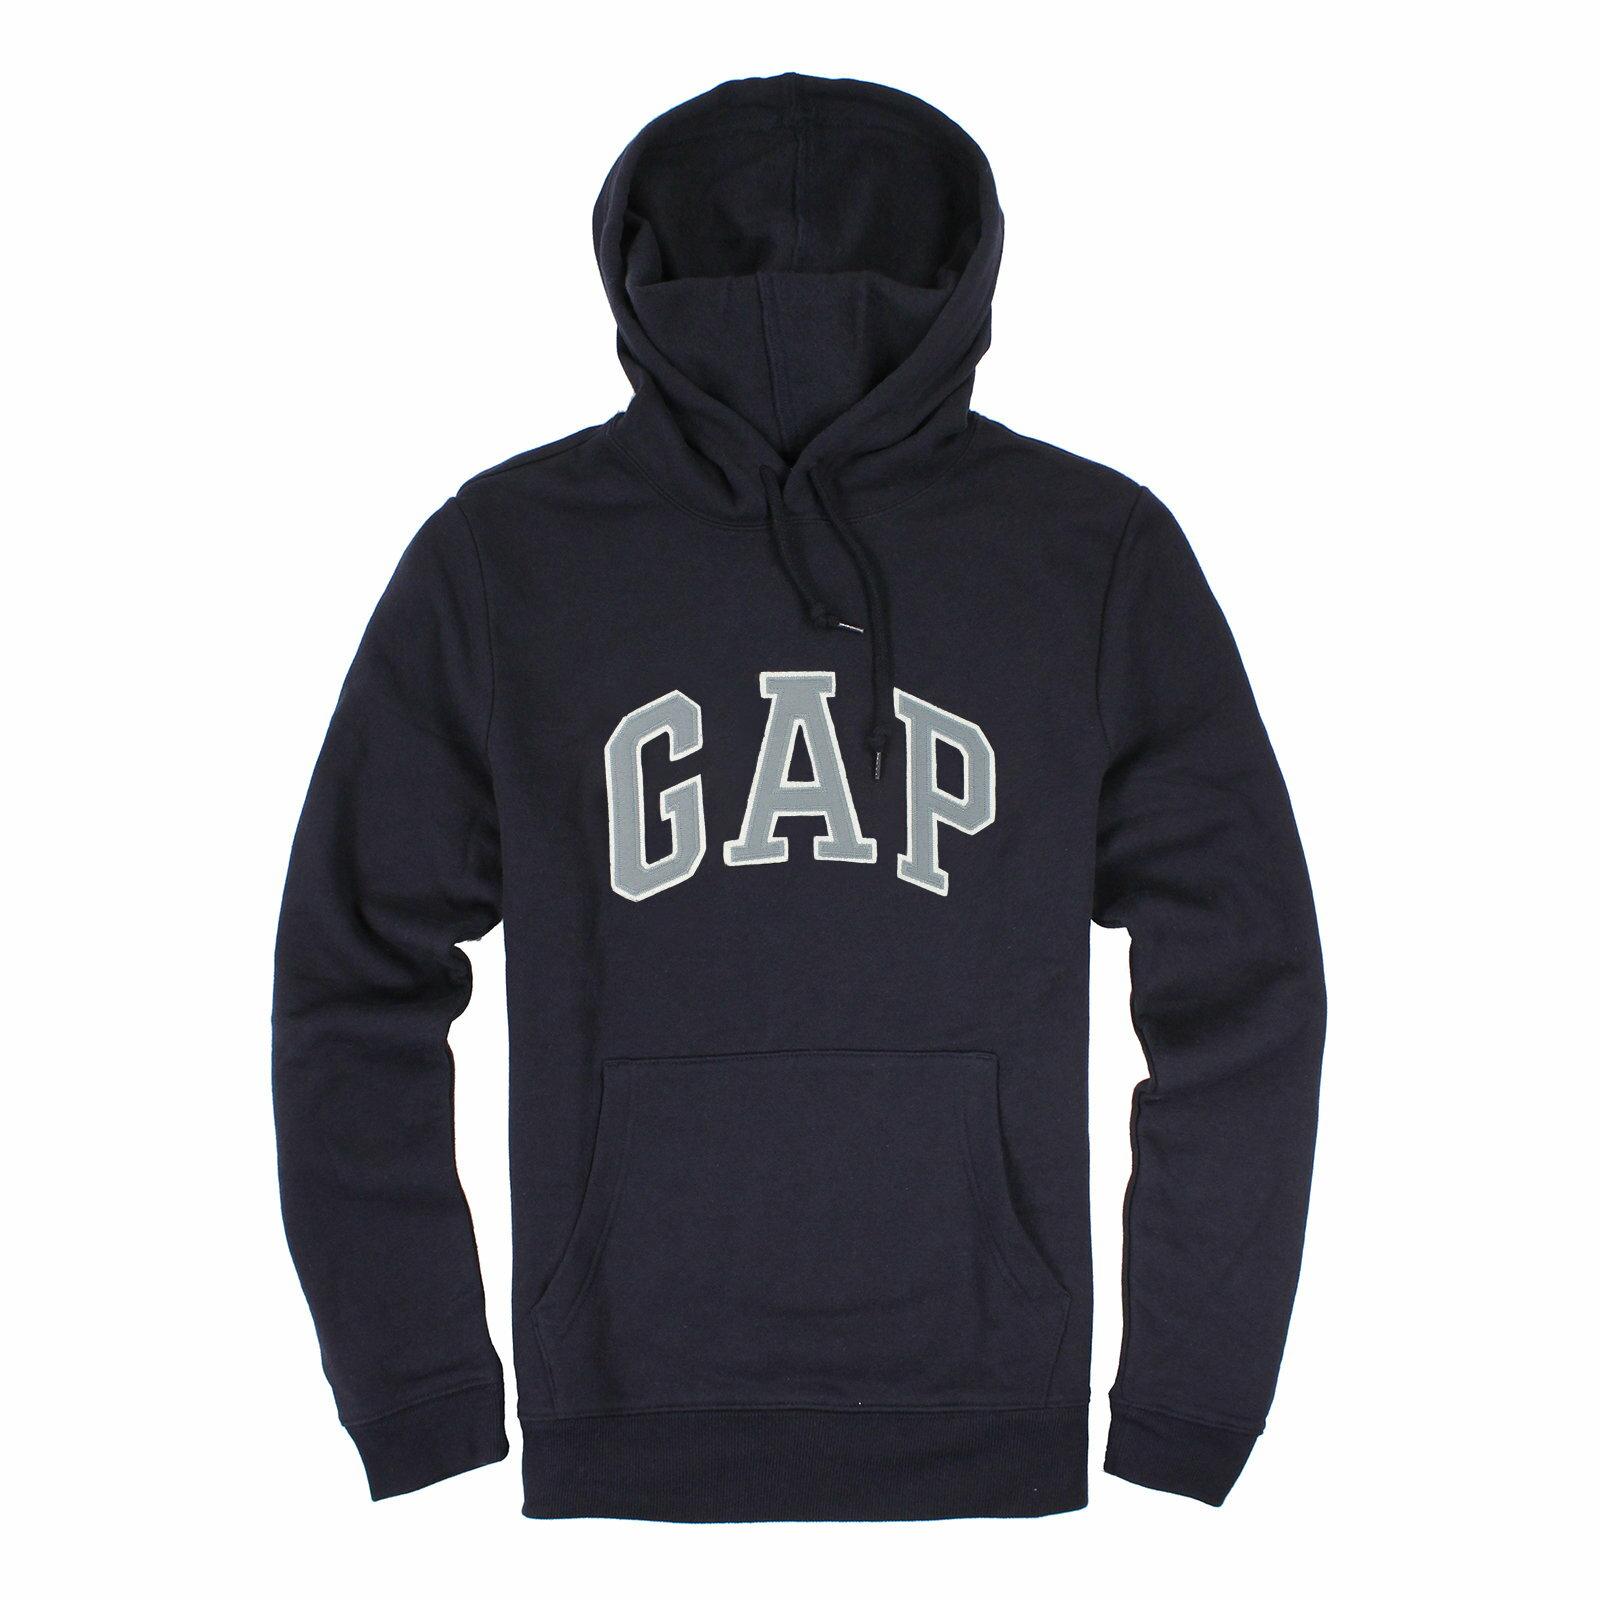 【蟹老闆】GAP【現貨】美國 GAP 經典文字LOGO款 男生 藍色灰字 長袖帽T